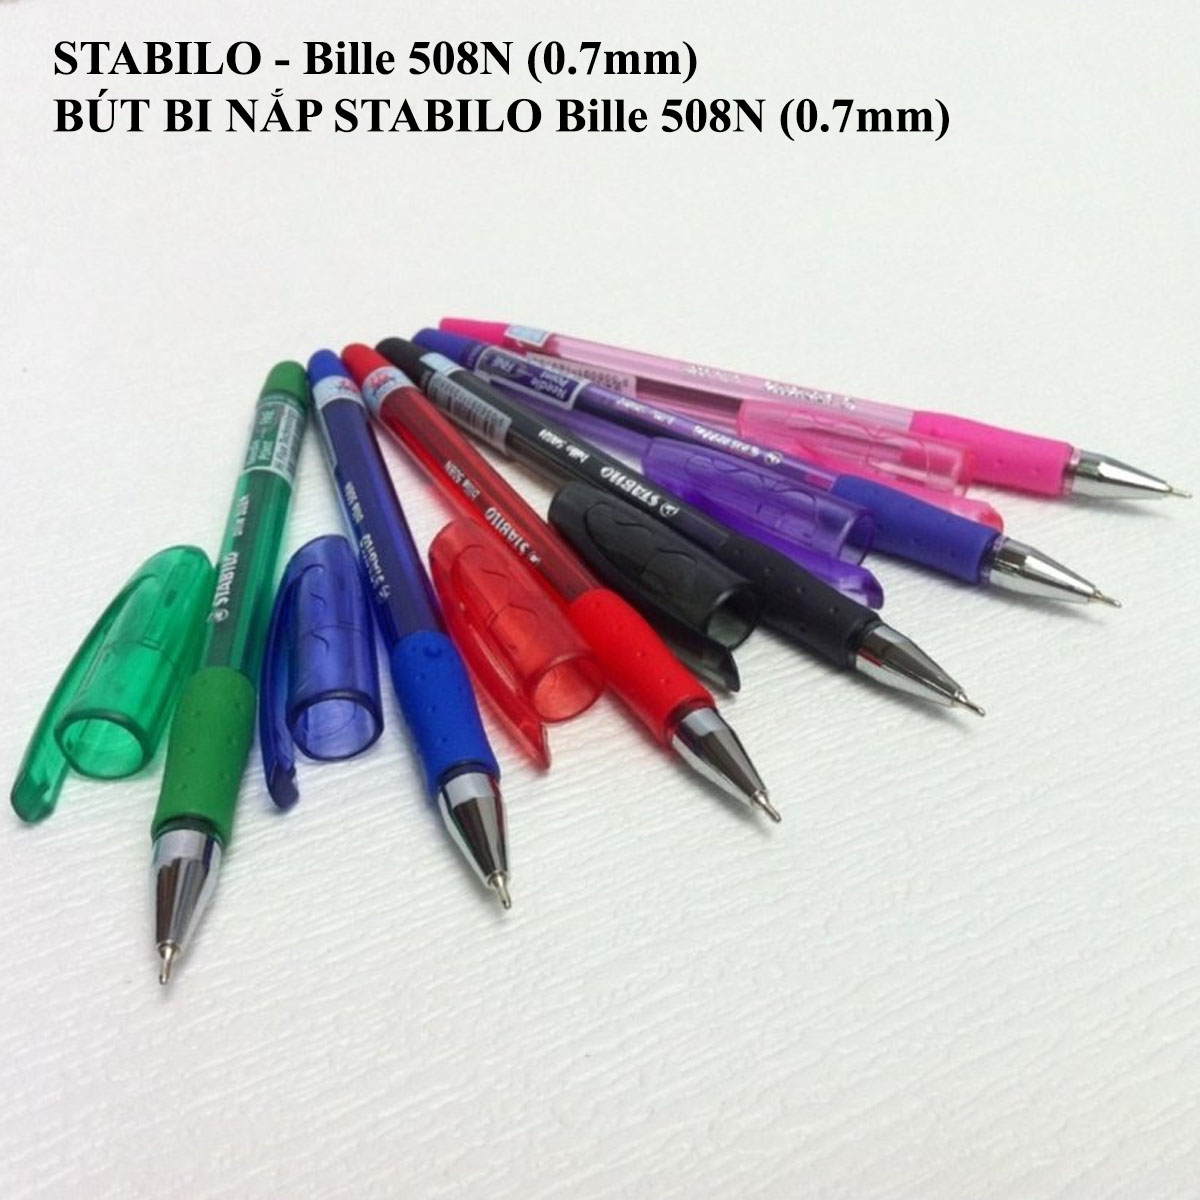 Bộ 4 bút bi STABILO Bille 508NF (2 xanh + 1 đen + 1 đỏ) + ruột xanh (BP508NF-C4R)